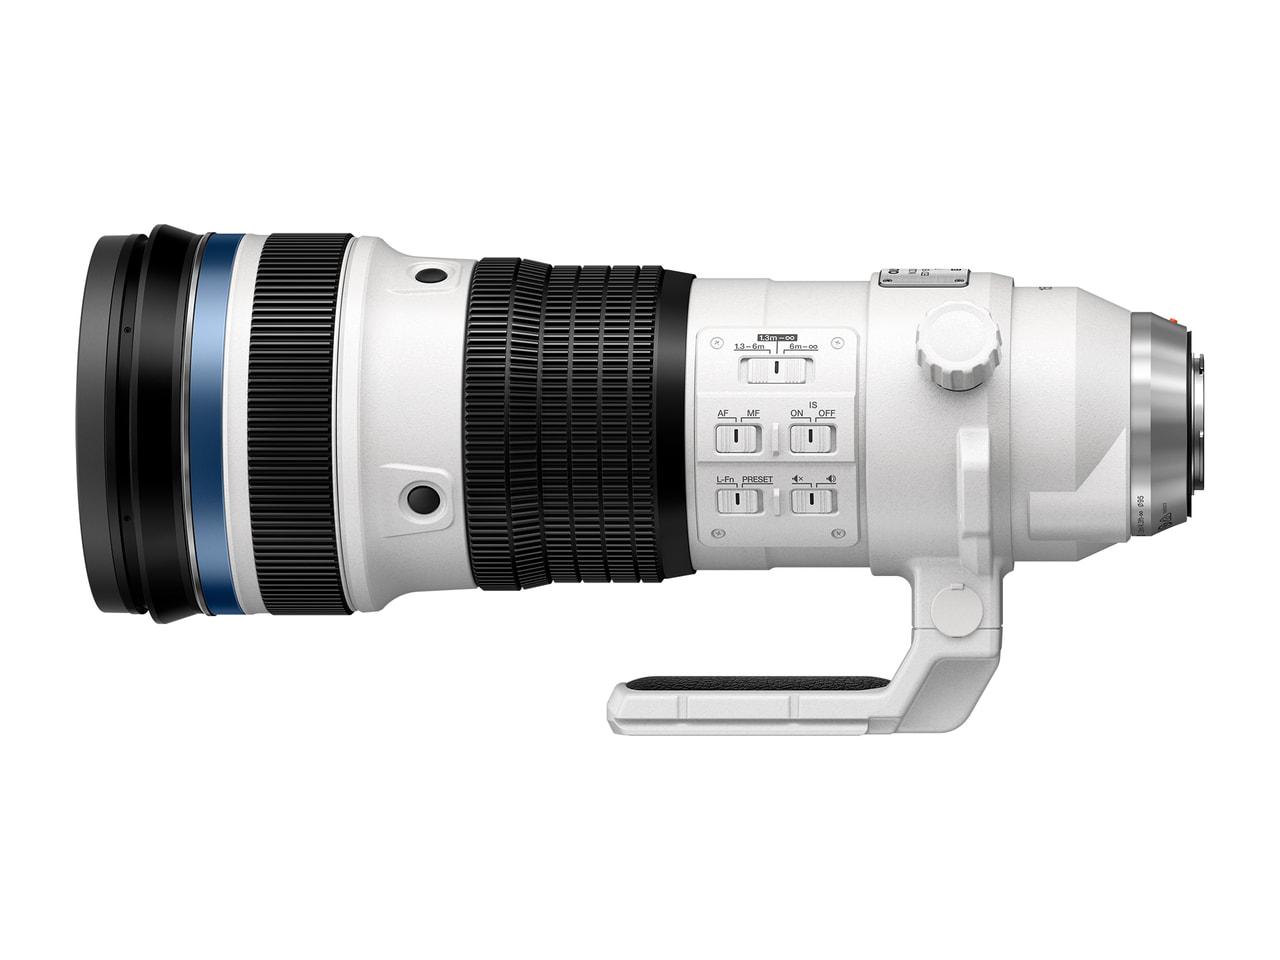 M.ZUIKO DIGITAL ED 150-400mm F4.5 TC1.25x IS PROの写真 1